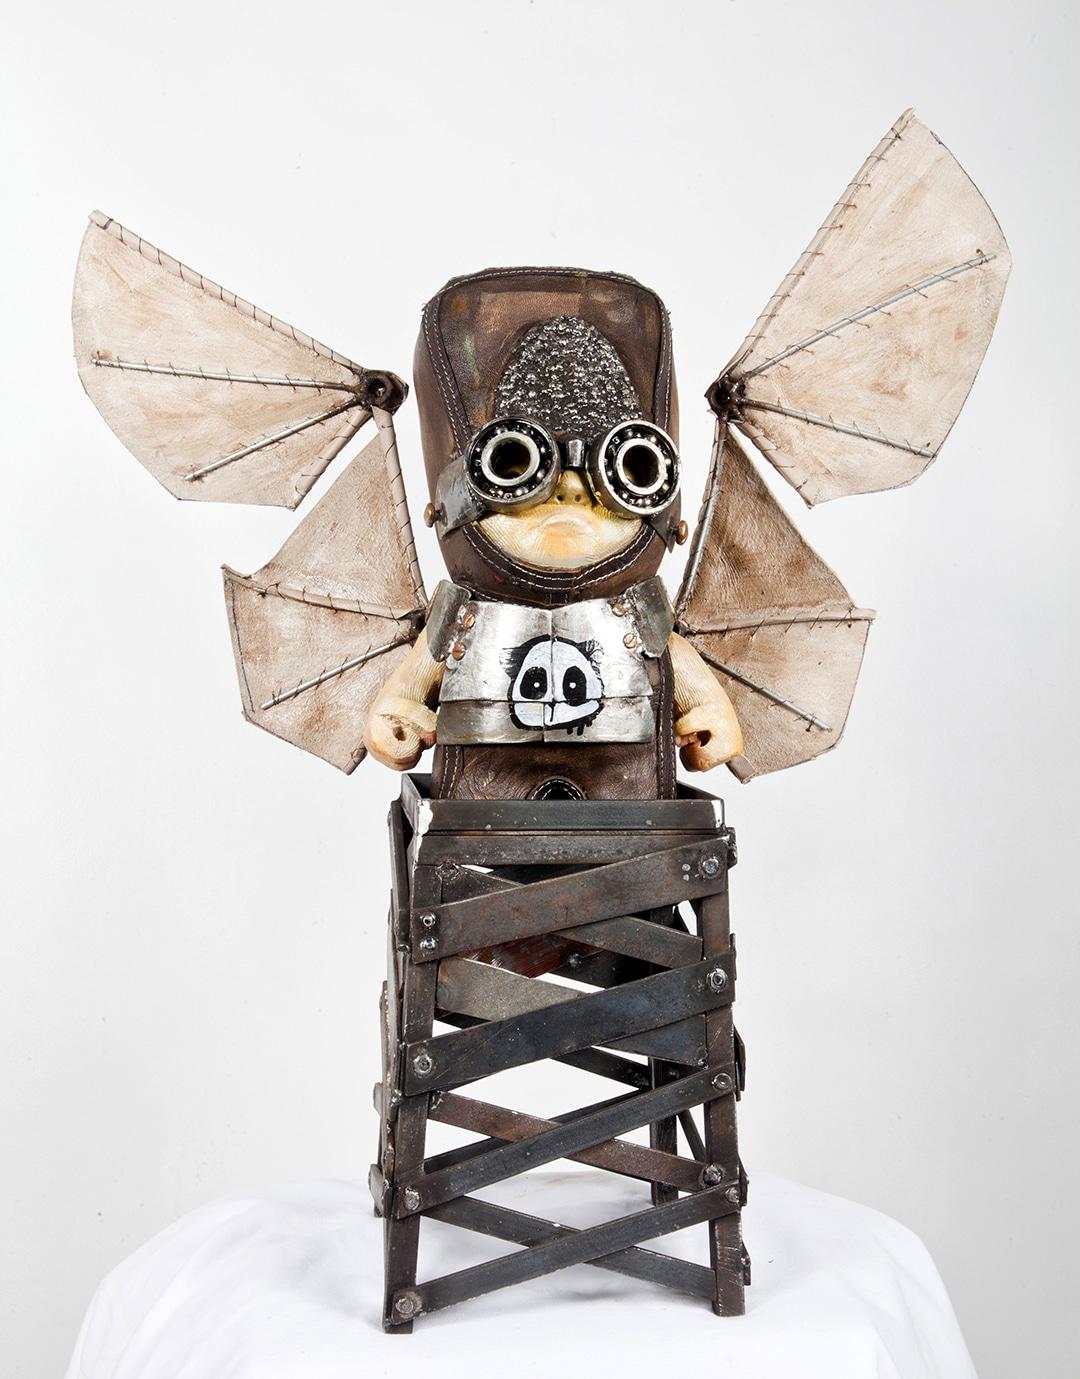 figurines art toys